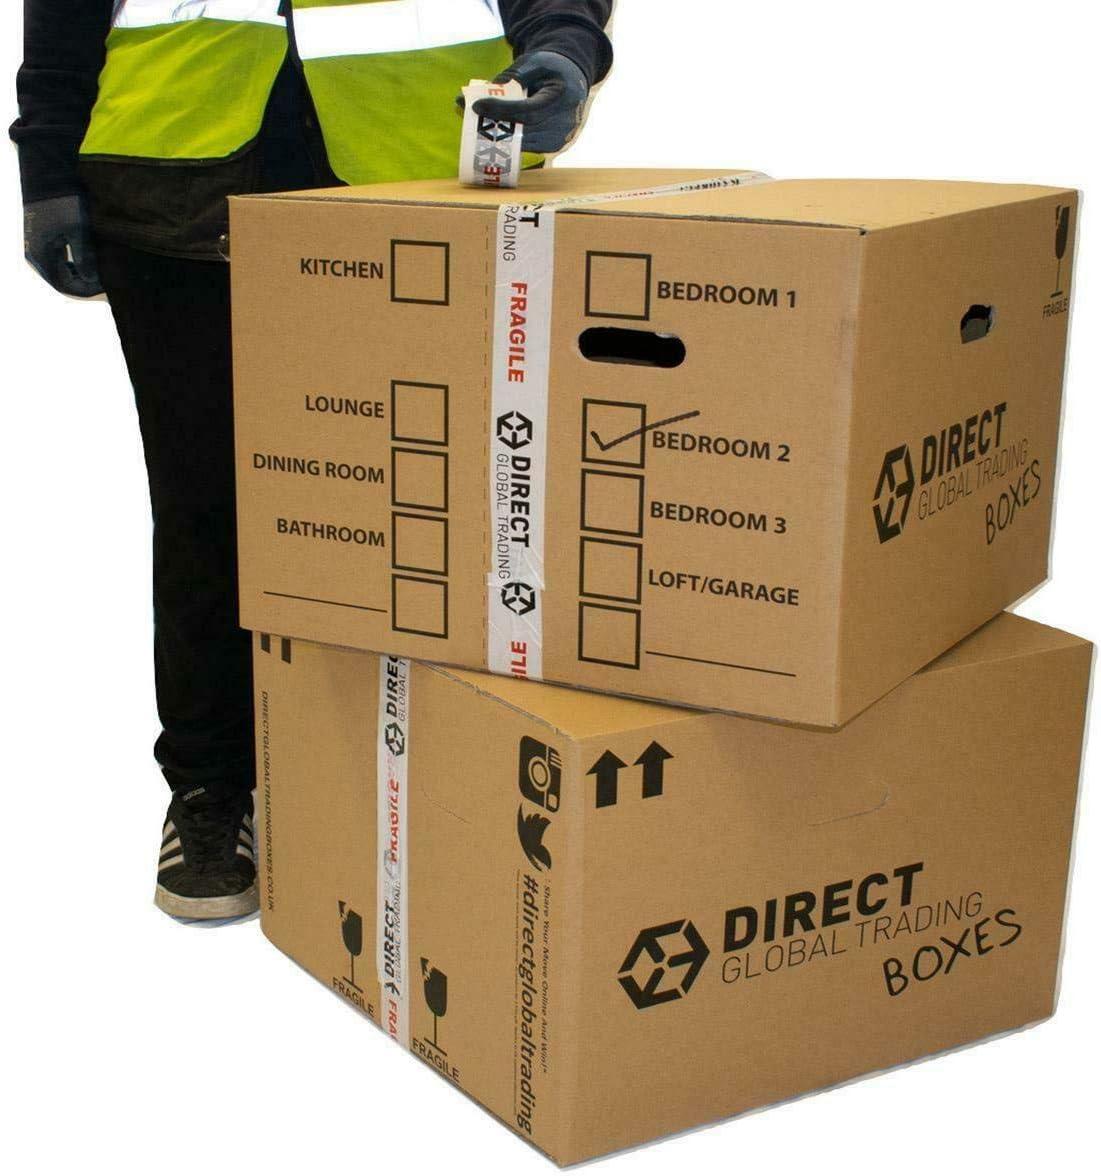 10 cajas de embalaje para mudanza extra grande y fuertes, de cartón doble capa, con asas de transporte y lista de habitación. 60 cm x 45 cm x 40: Amazon.es: Bricolaje y herramientas